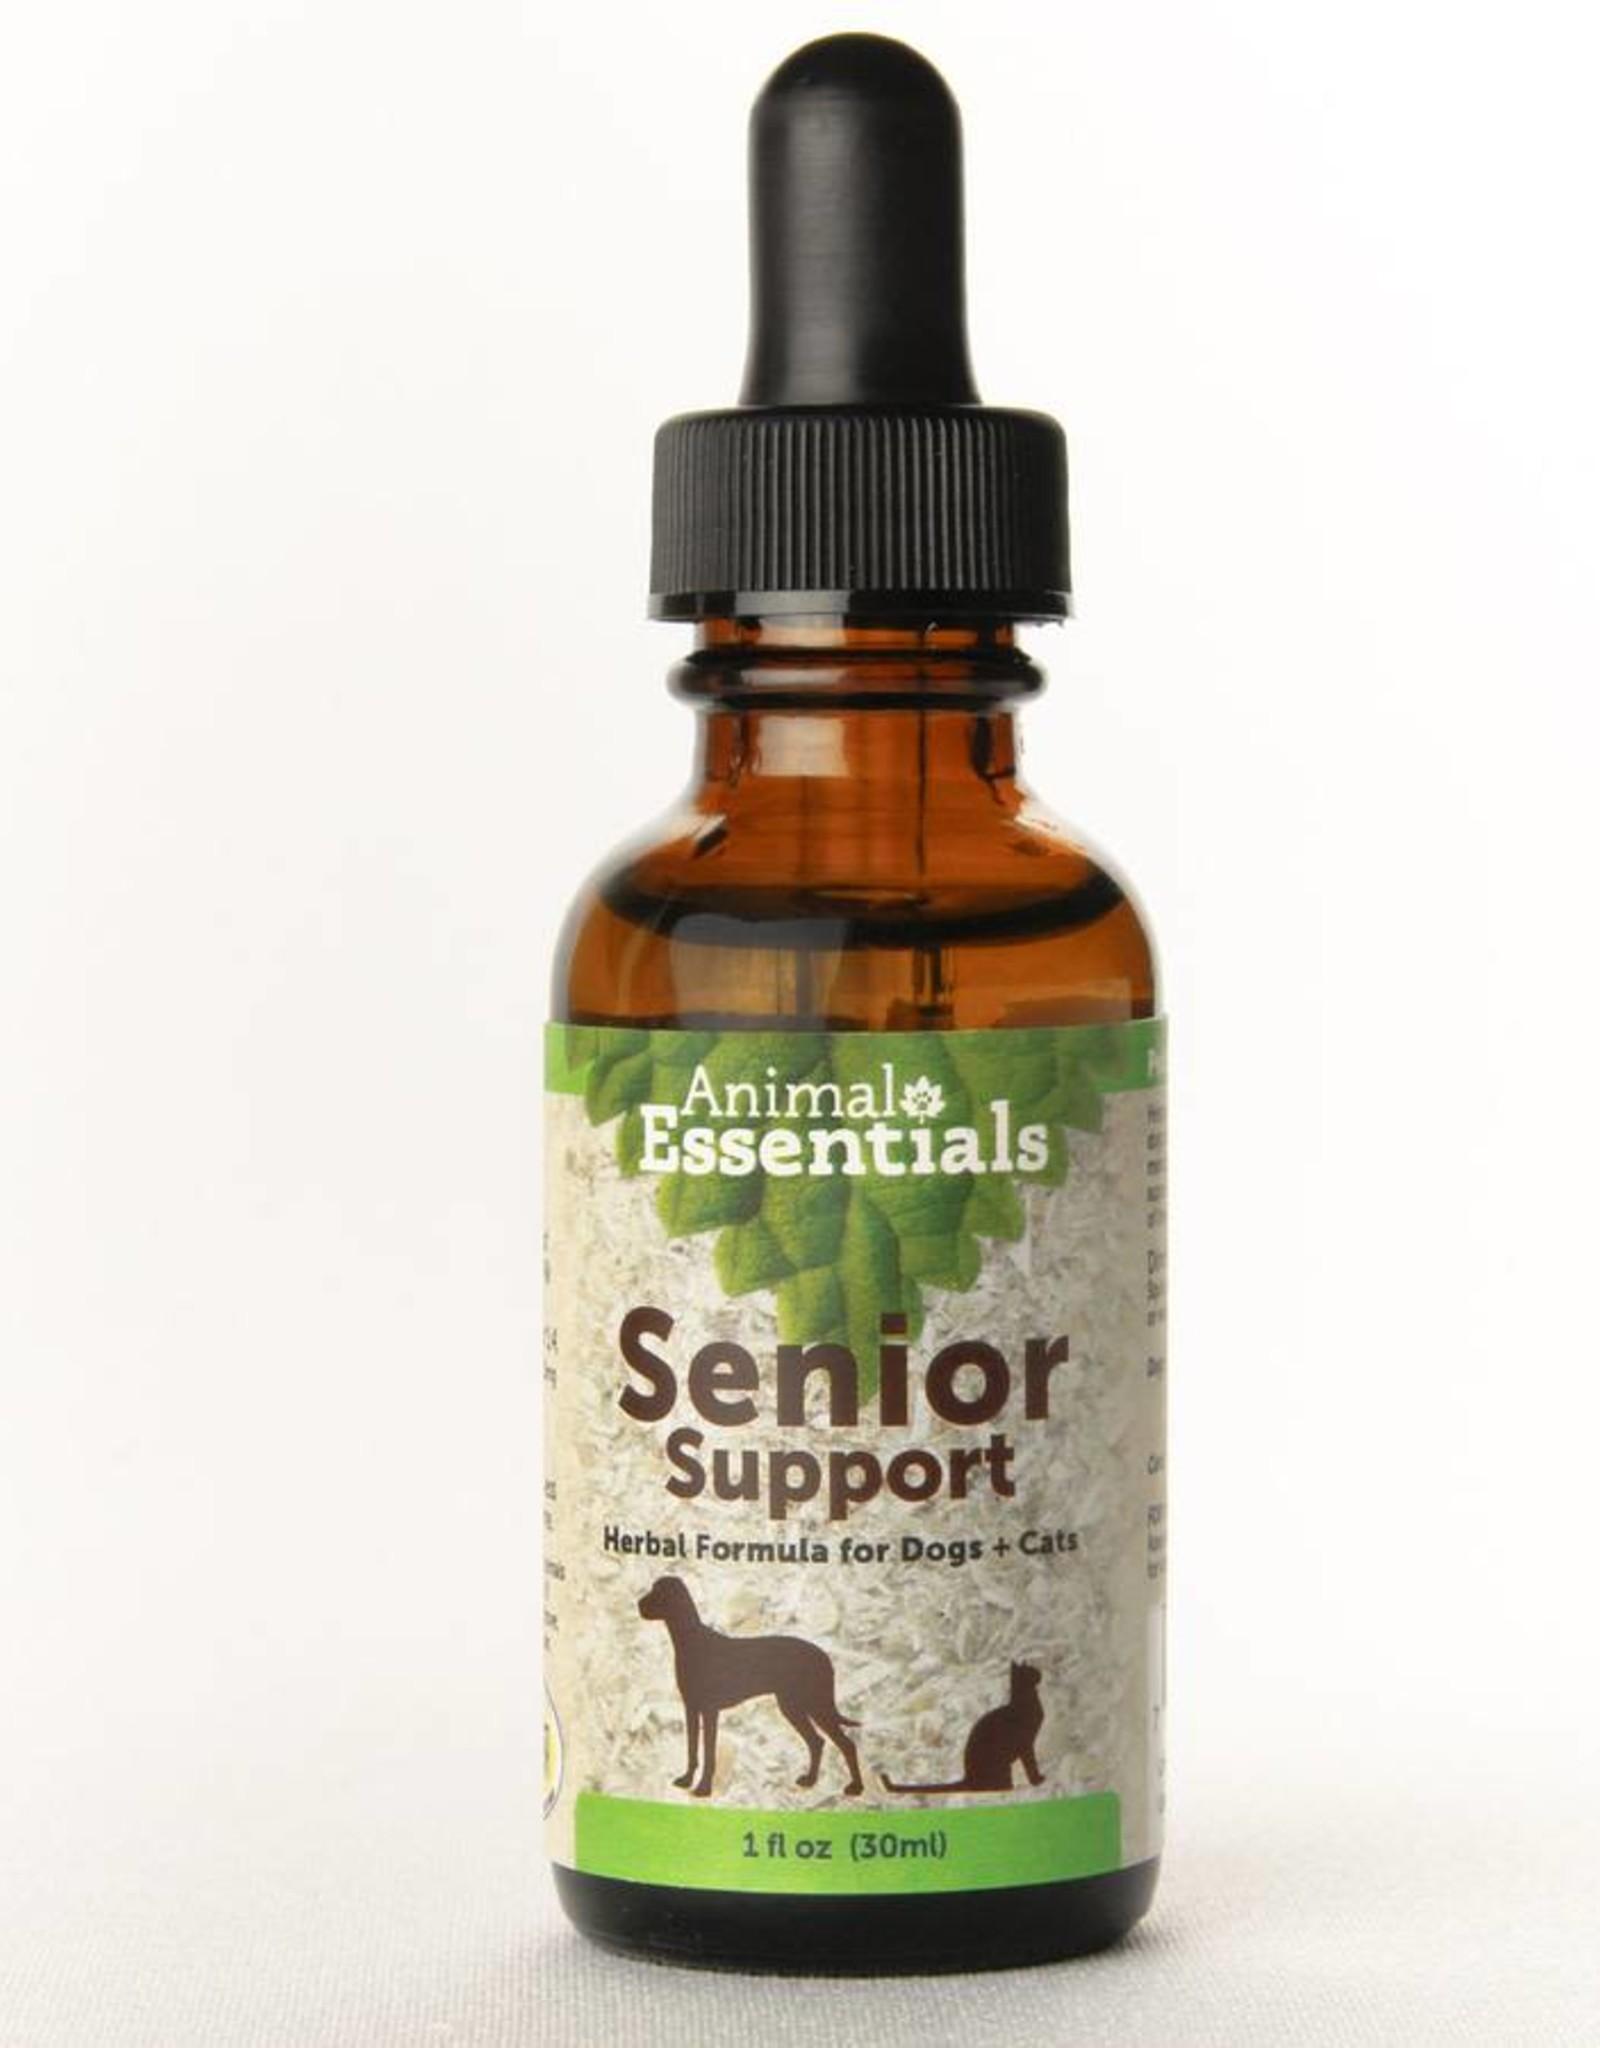 Animal Essentials Animal Essentials Senior Support 1oz